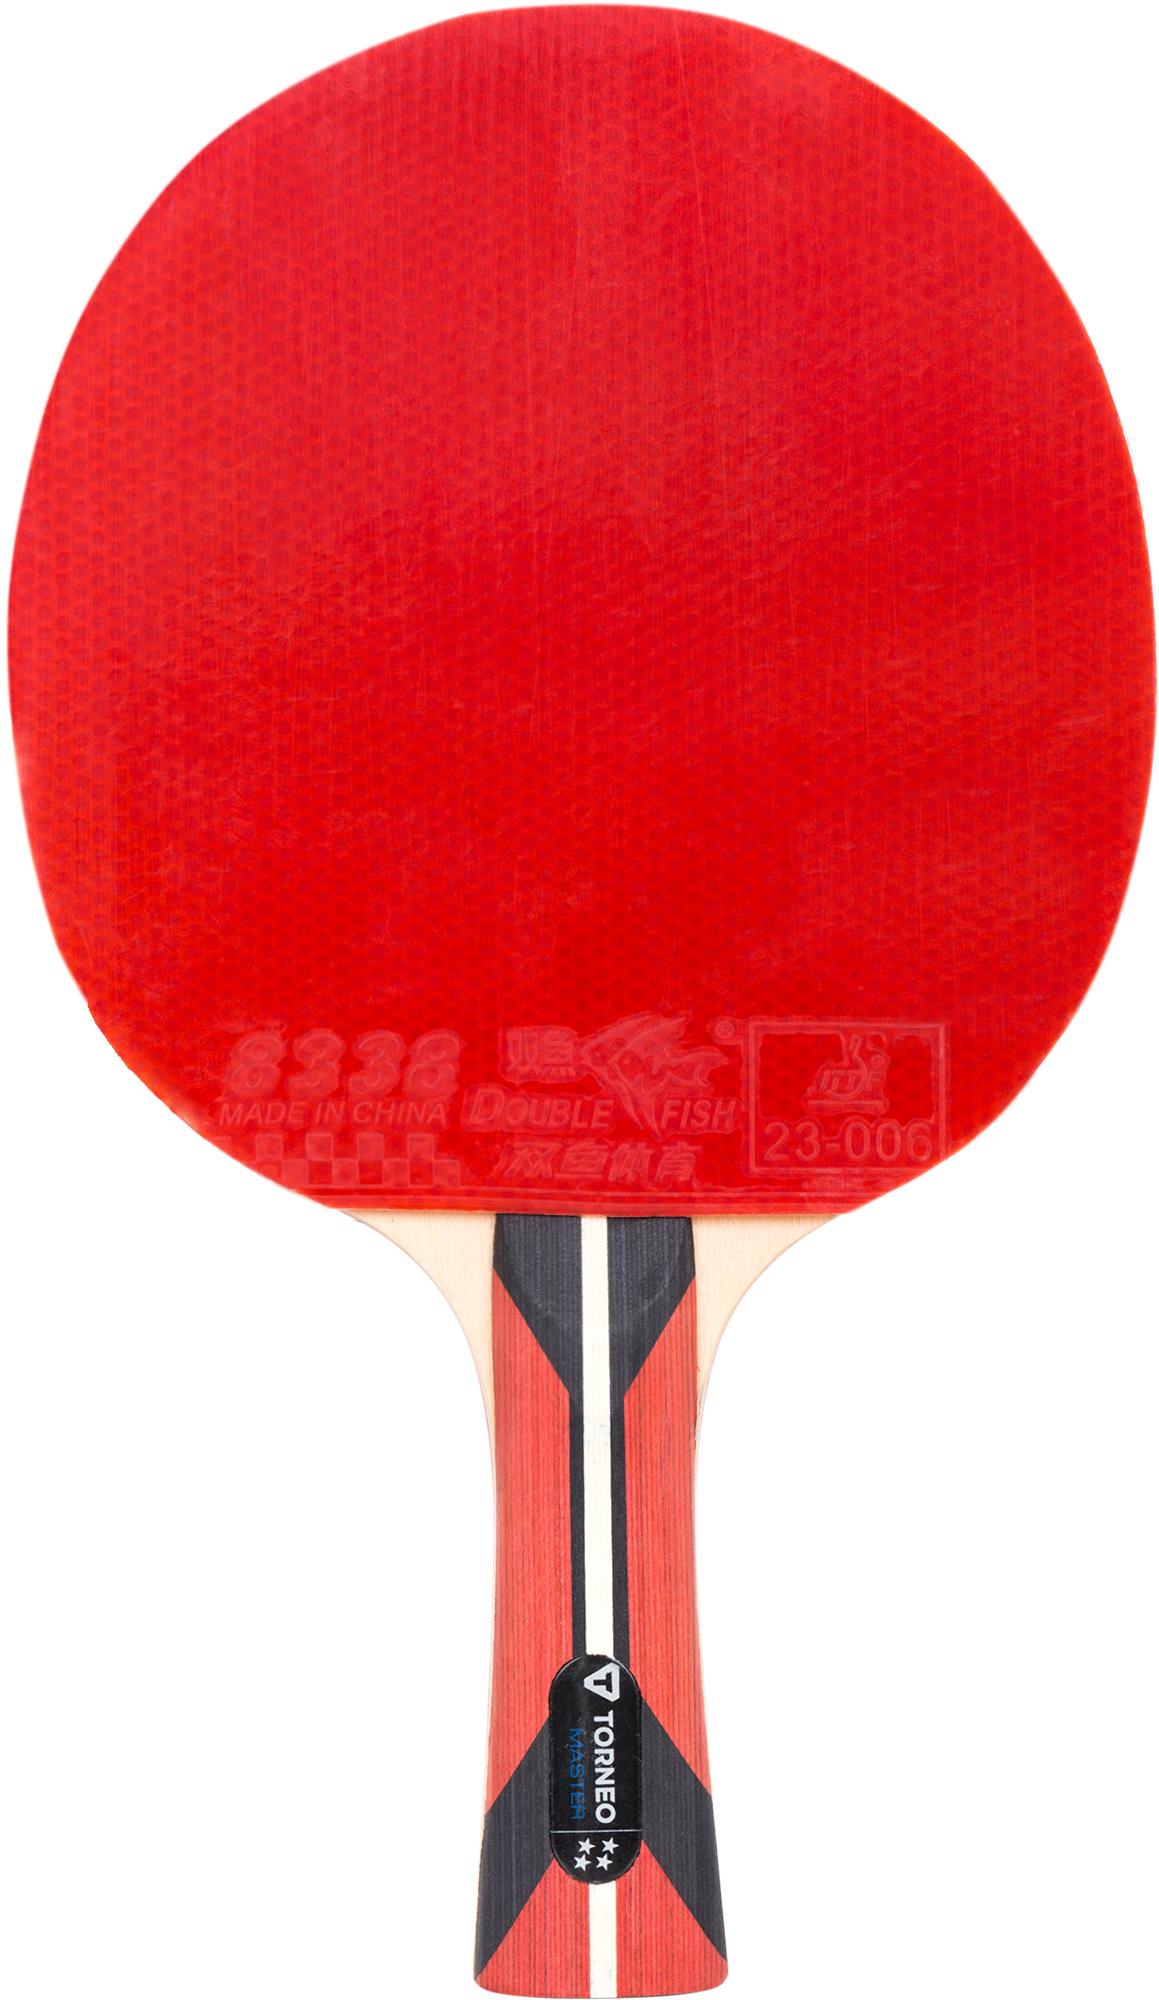 Torneo Ракетка для настольного тенниса Torneo Master, размер Без размера